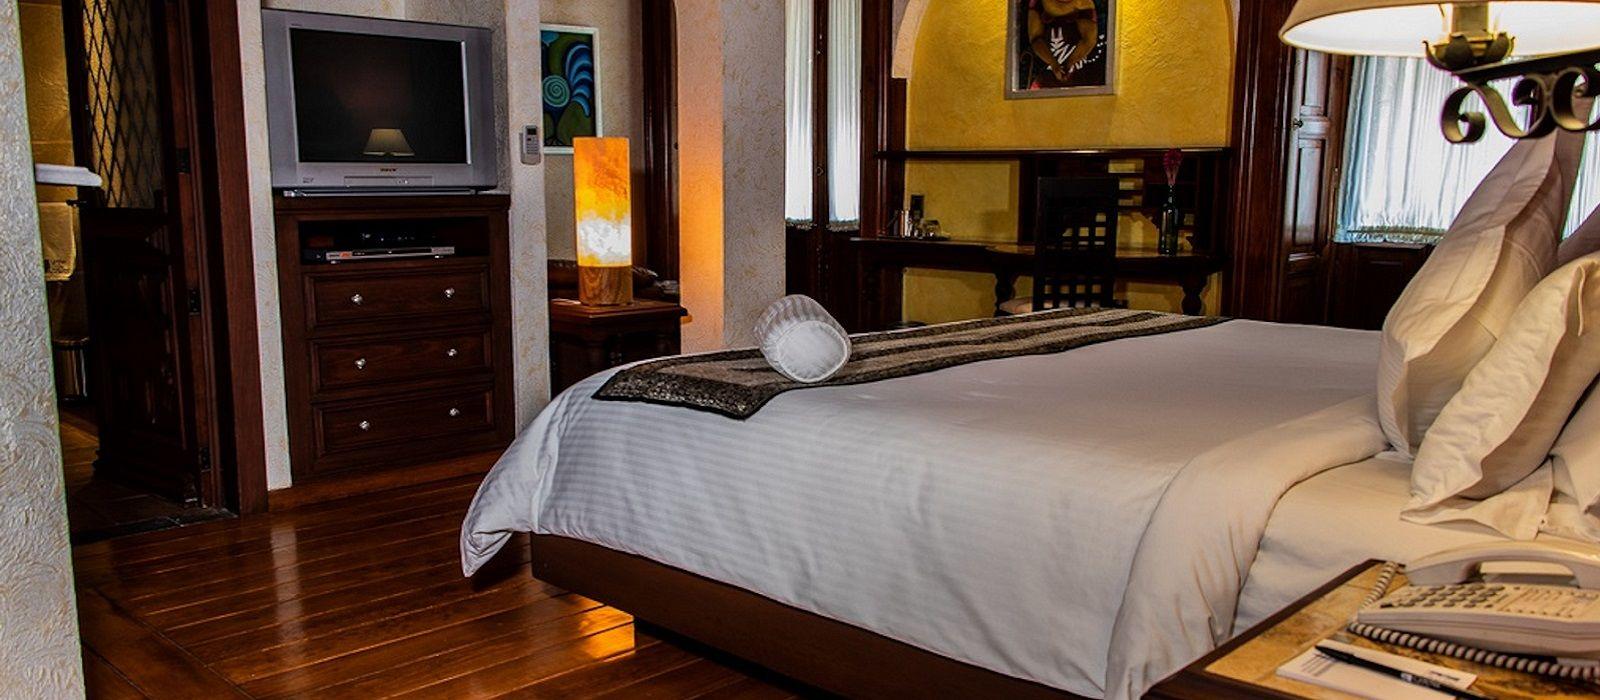 Hotel Casona de la China Poblana Mexico